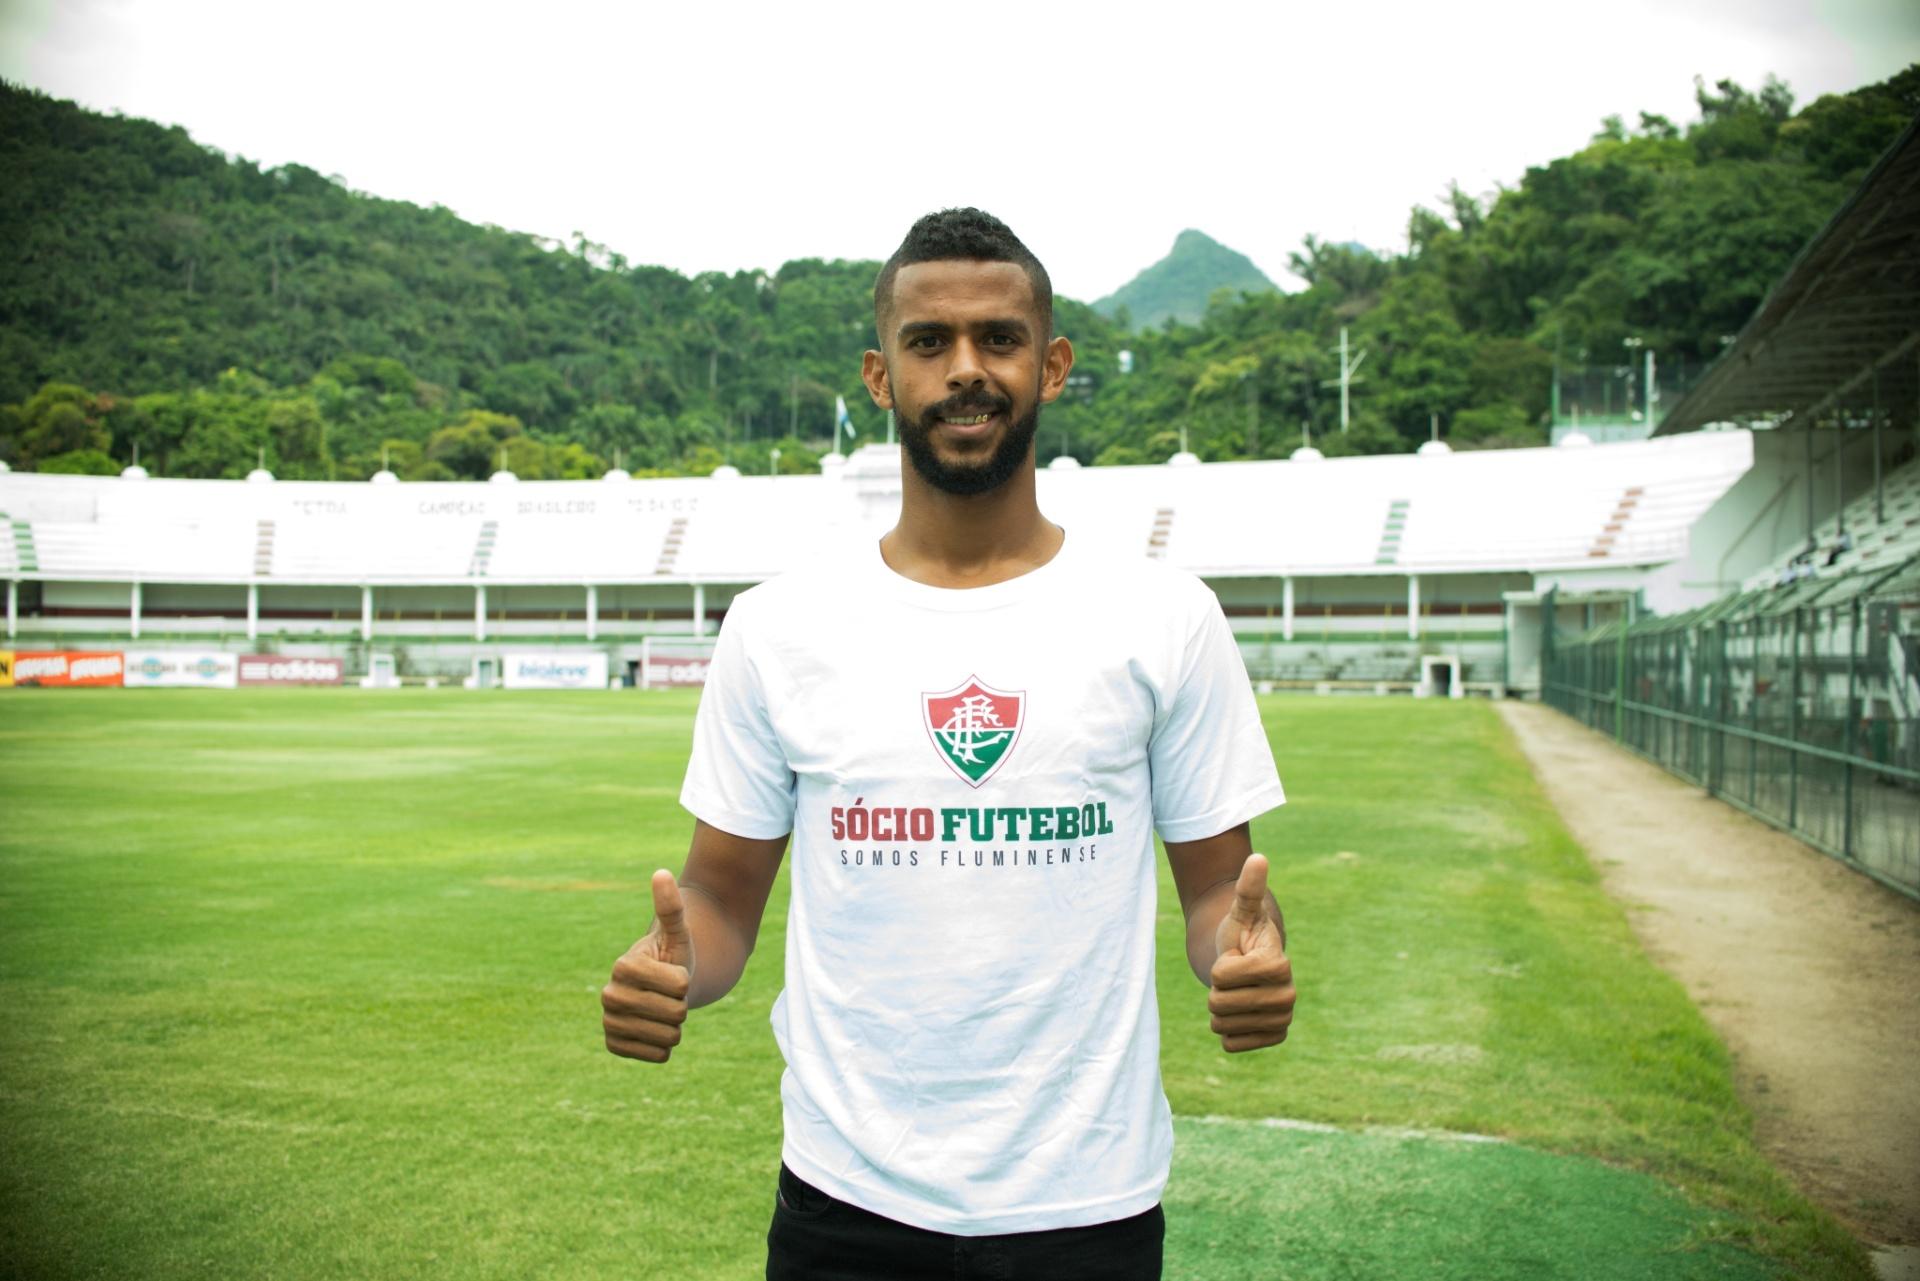 Fluminense oficializa contratação de zagueiro Renato Chaves - 13 01 2016 -  UOL Esporte d58891e589a1d